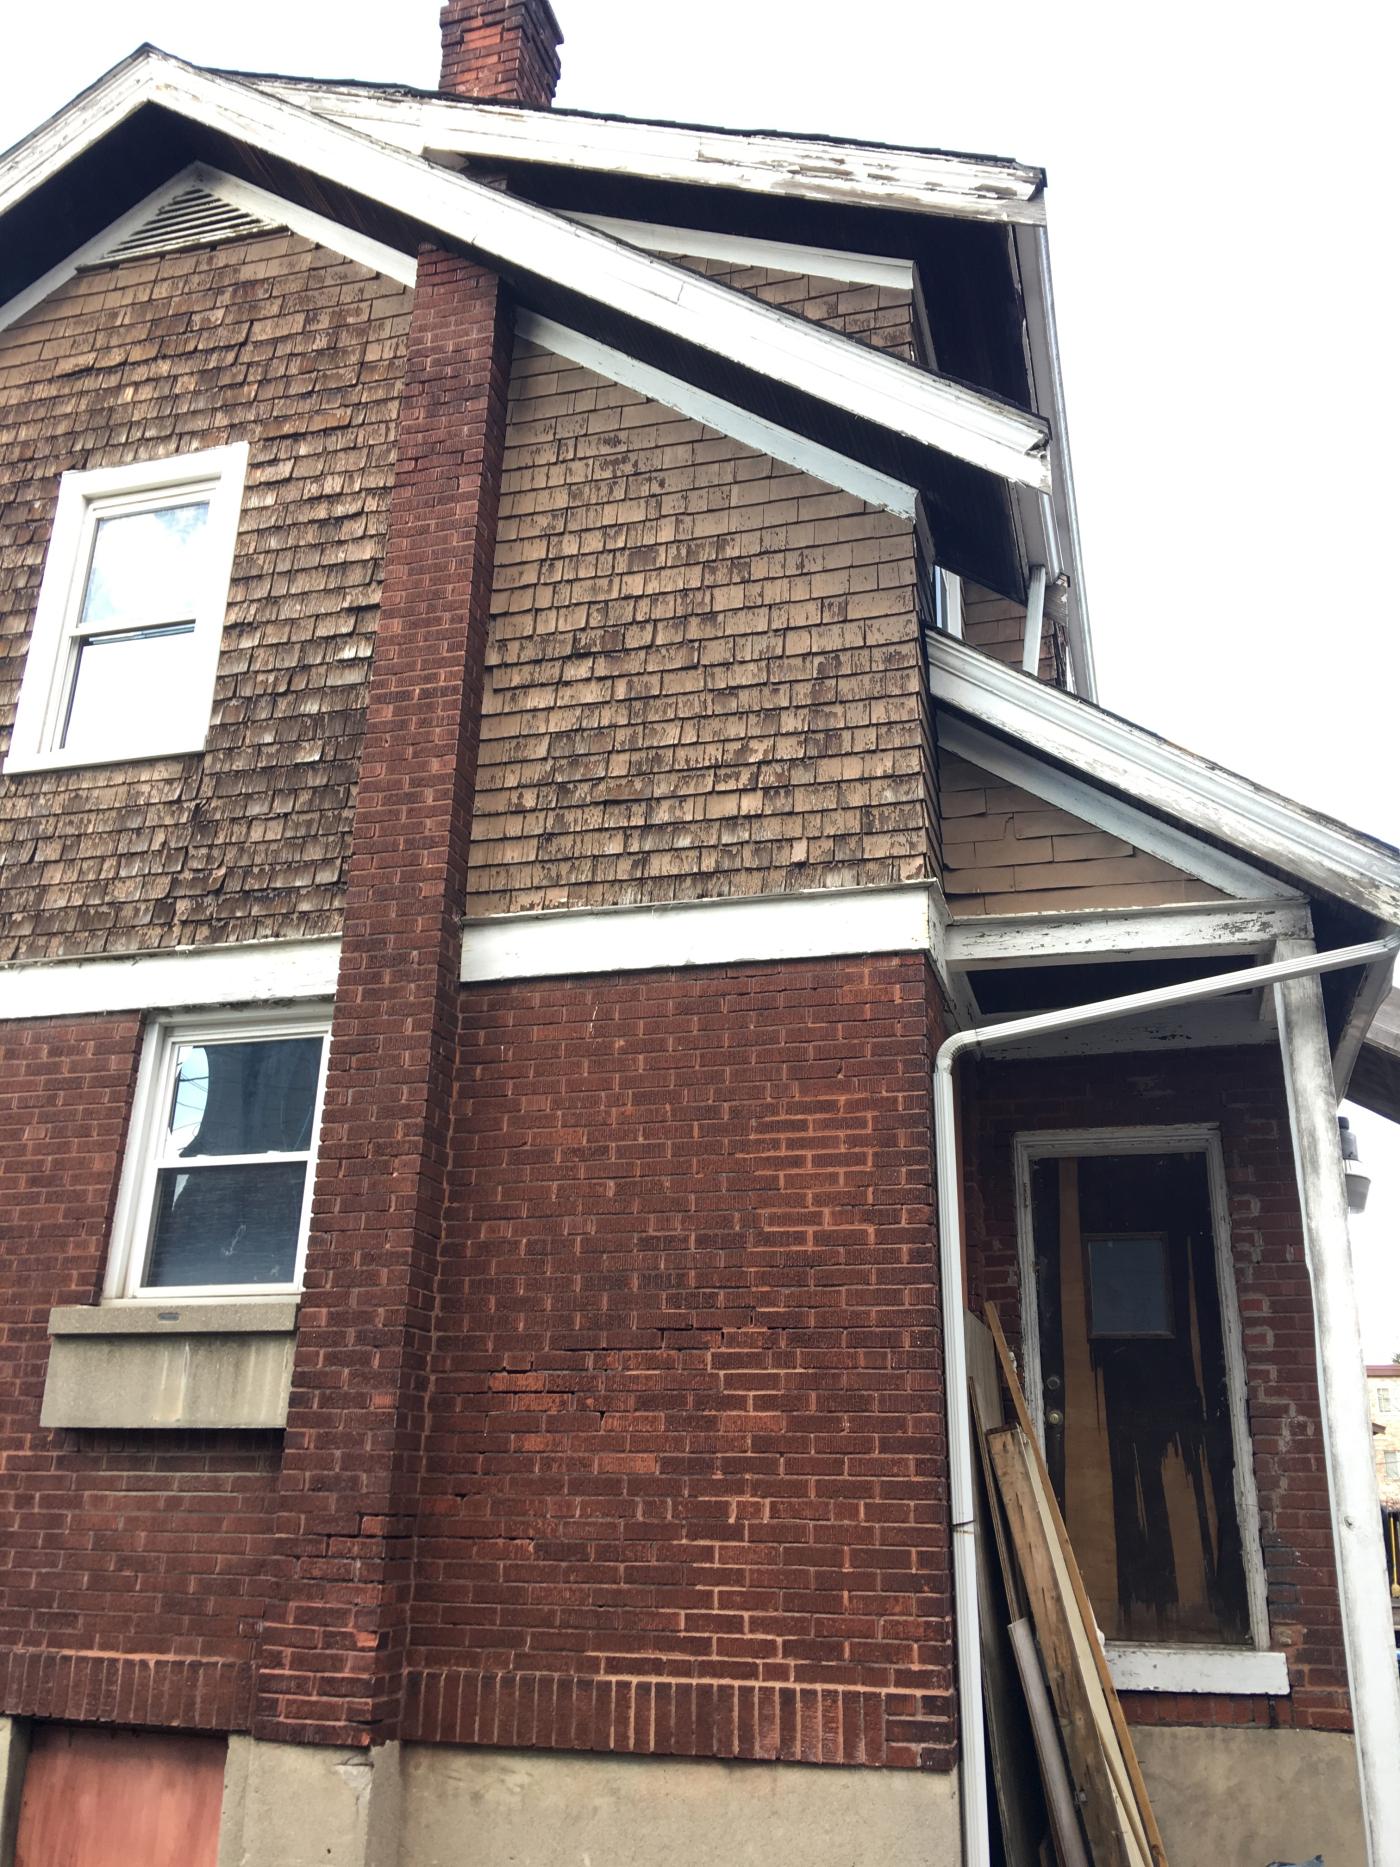 original-building-side-right-rear-elevation-6238.jpg